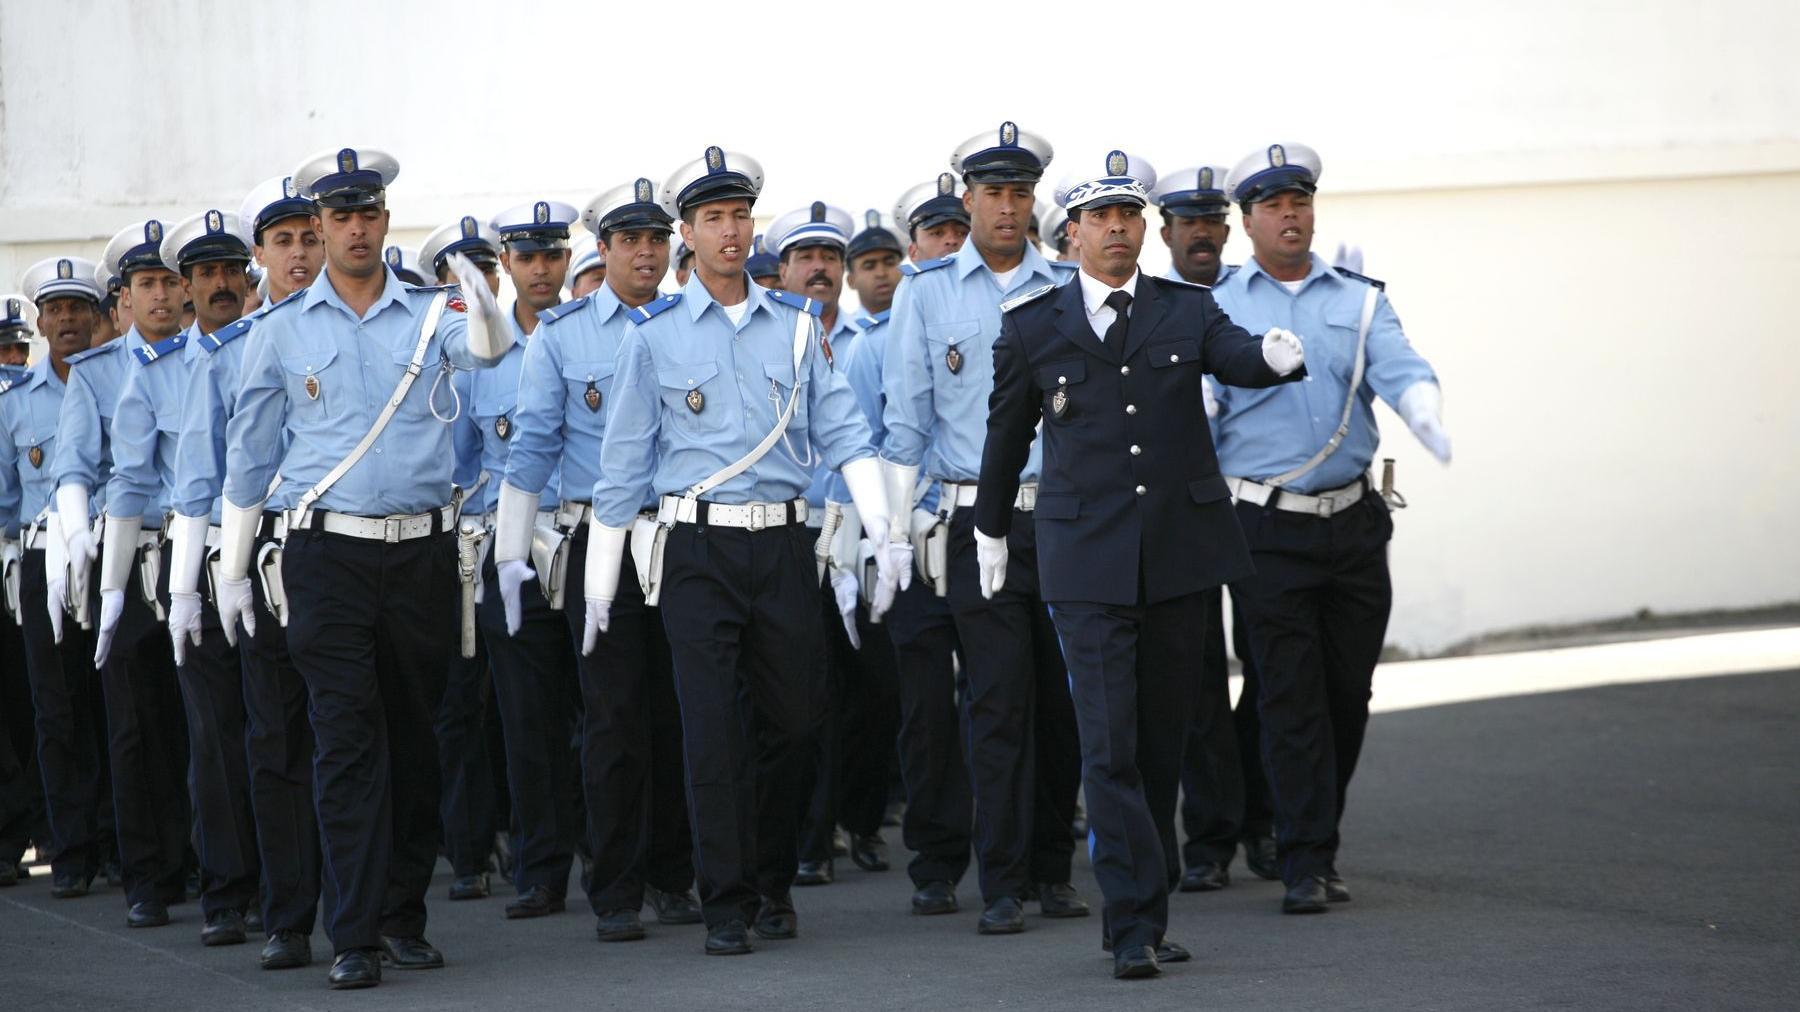 صور رائعة للشرطة المغربية 2014 Police16